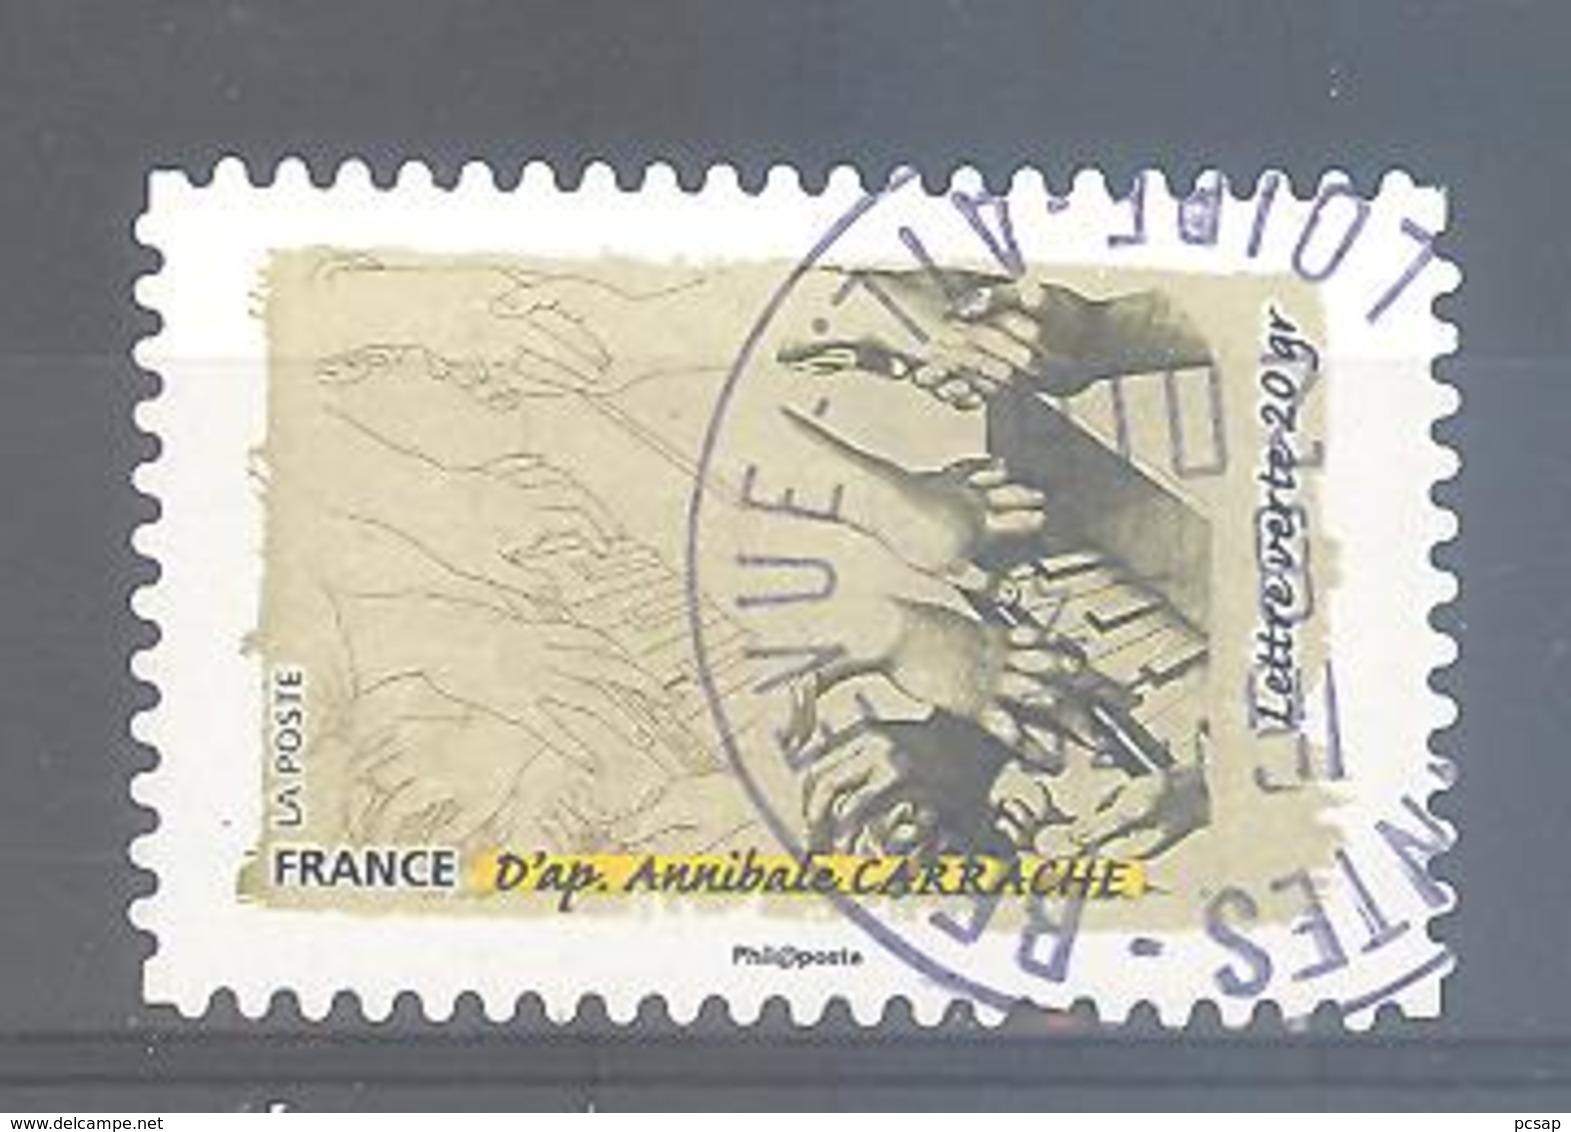 France Autoadhésif Oblitéré N°1090 (le Toucher) (cachet Rond) - France